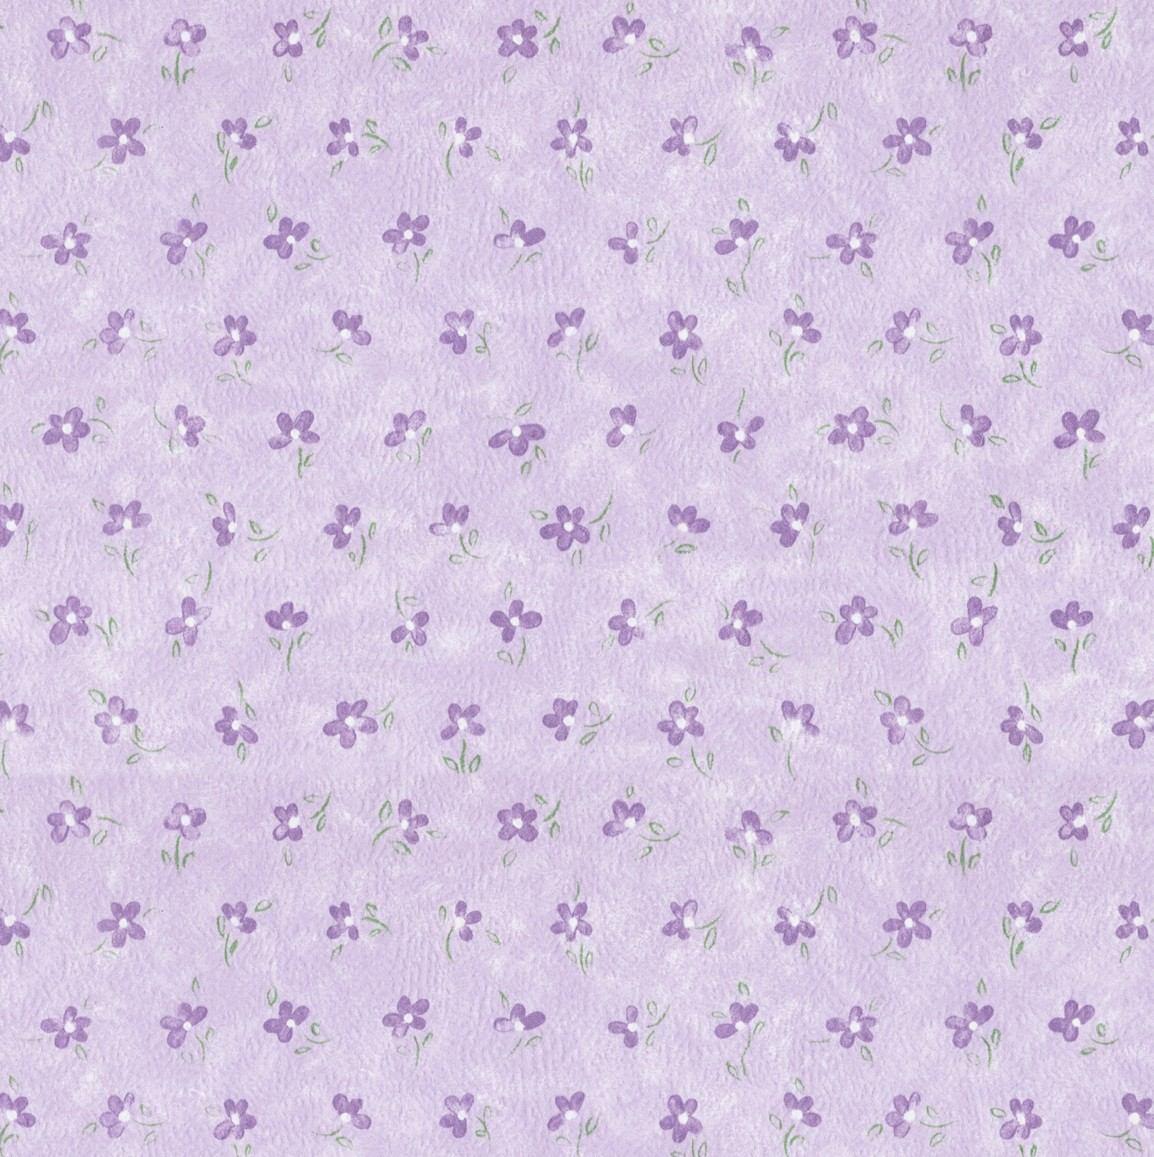 Papel de parede floral lil s 10 metros x 52cm bobinex - Paredes de papel ...